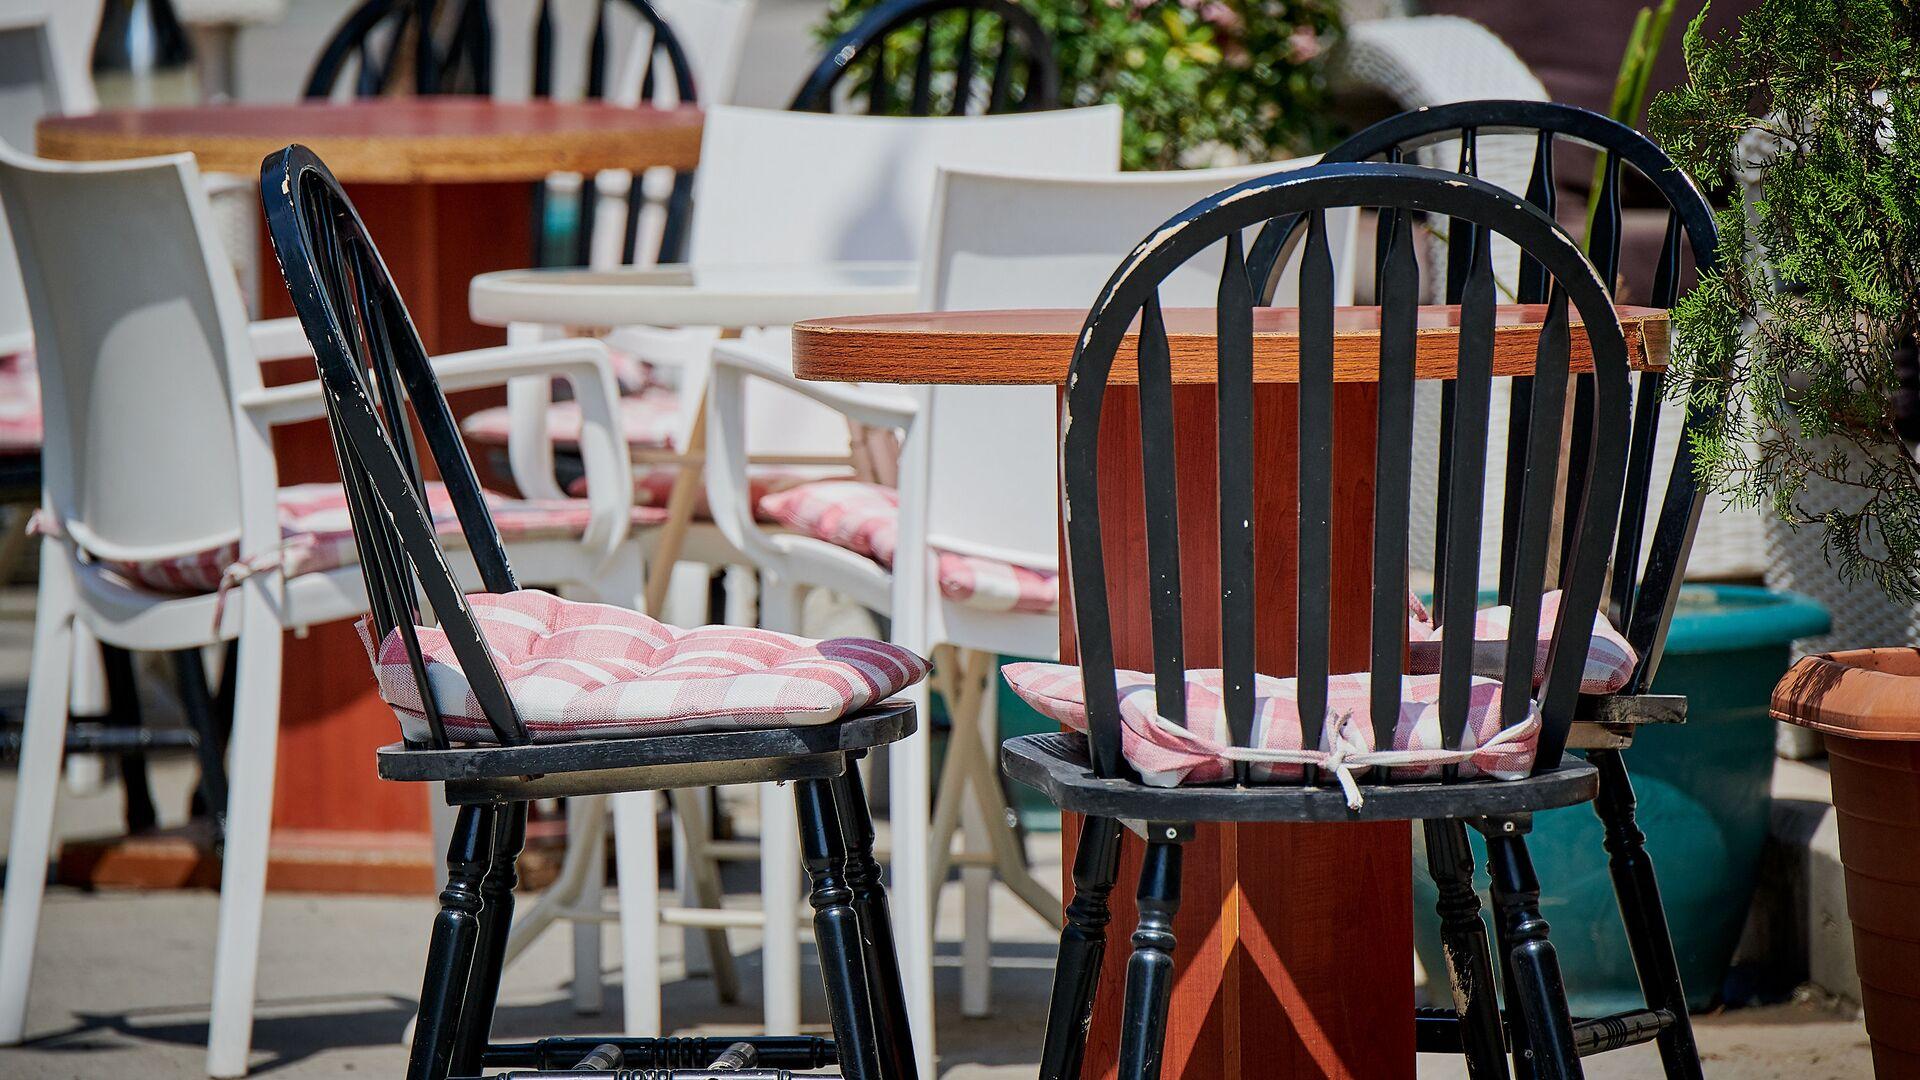 Пустые столики в уличном кафе - Sputnik Грузия, 1920, 25.06.2021